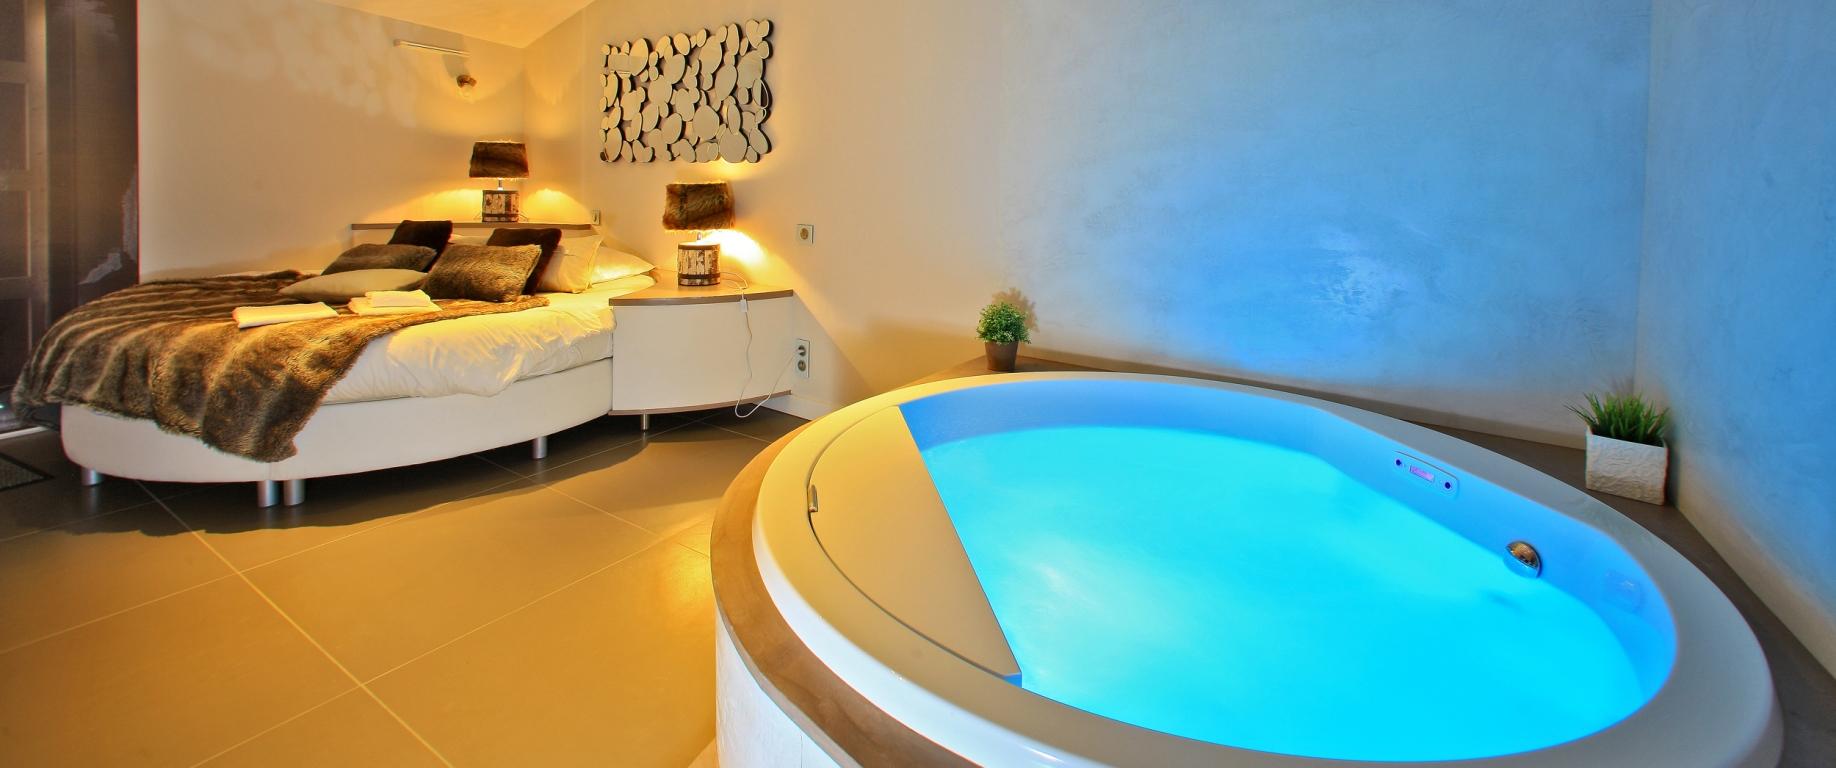 chambre d'hotel avec spa privé